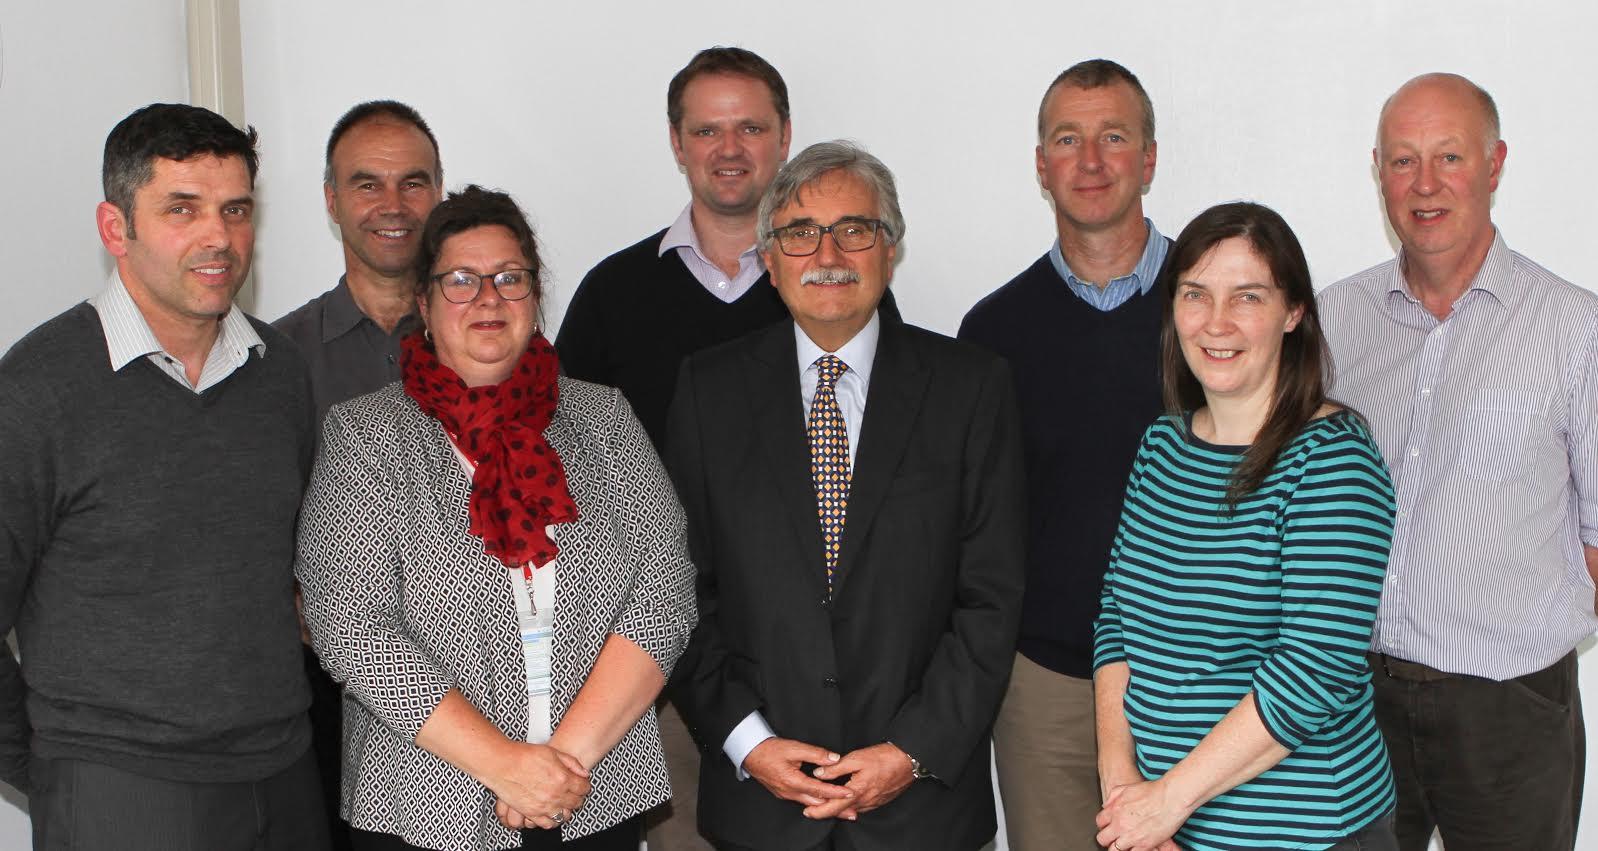 Sean Rickard to chair First Milk's member council